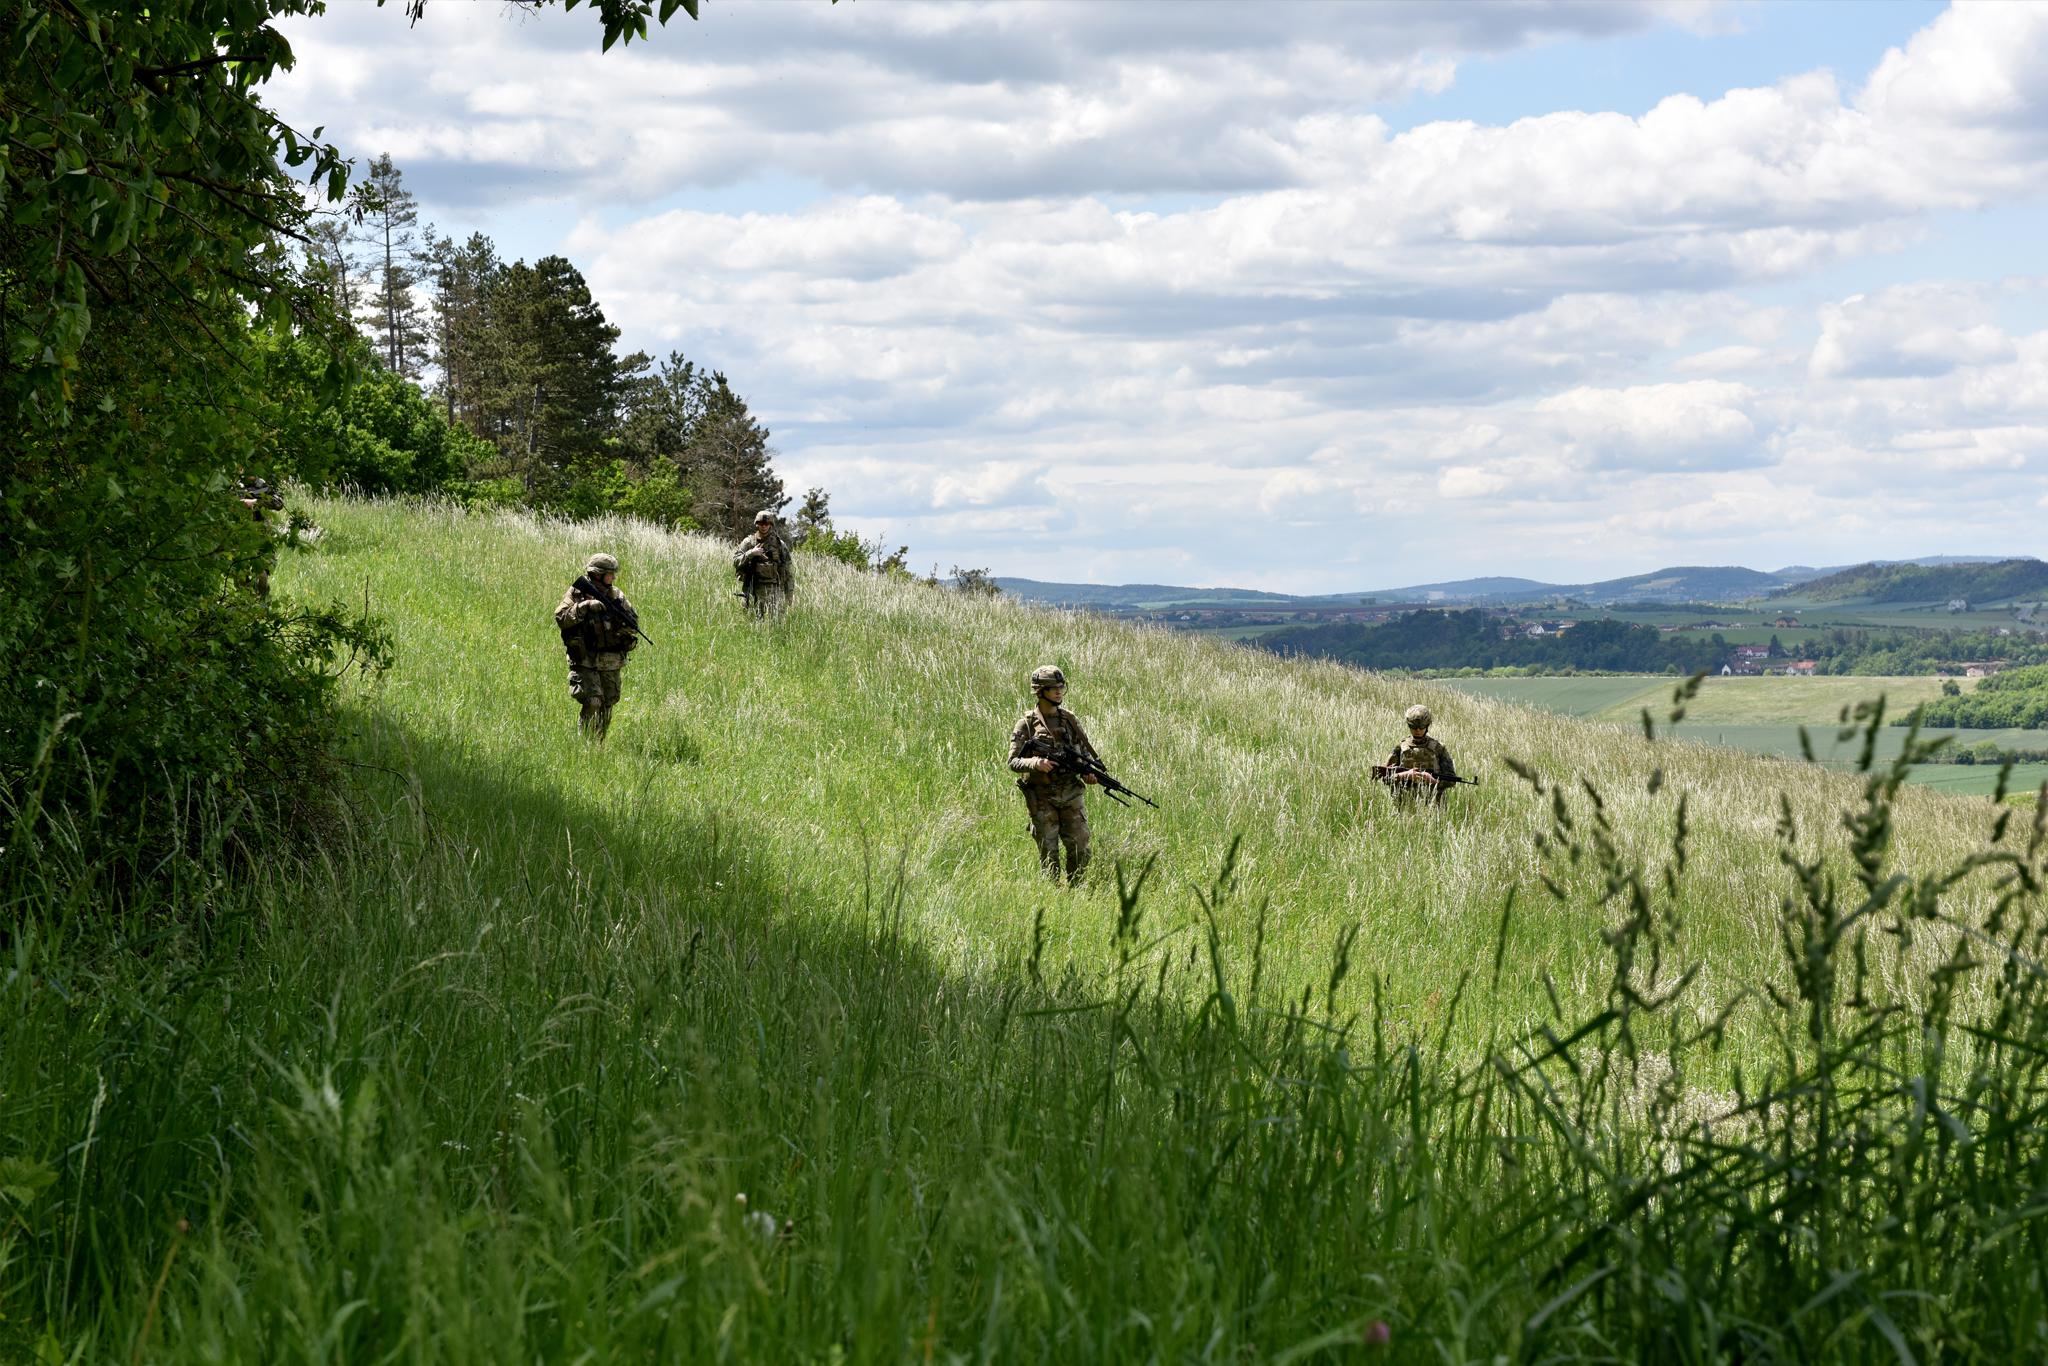 Vojáci 2ID(A) se přesunují ve formaci v rámci bojového cvičení.